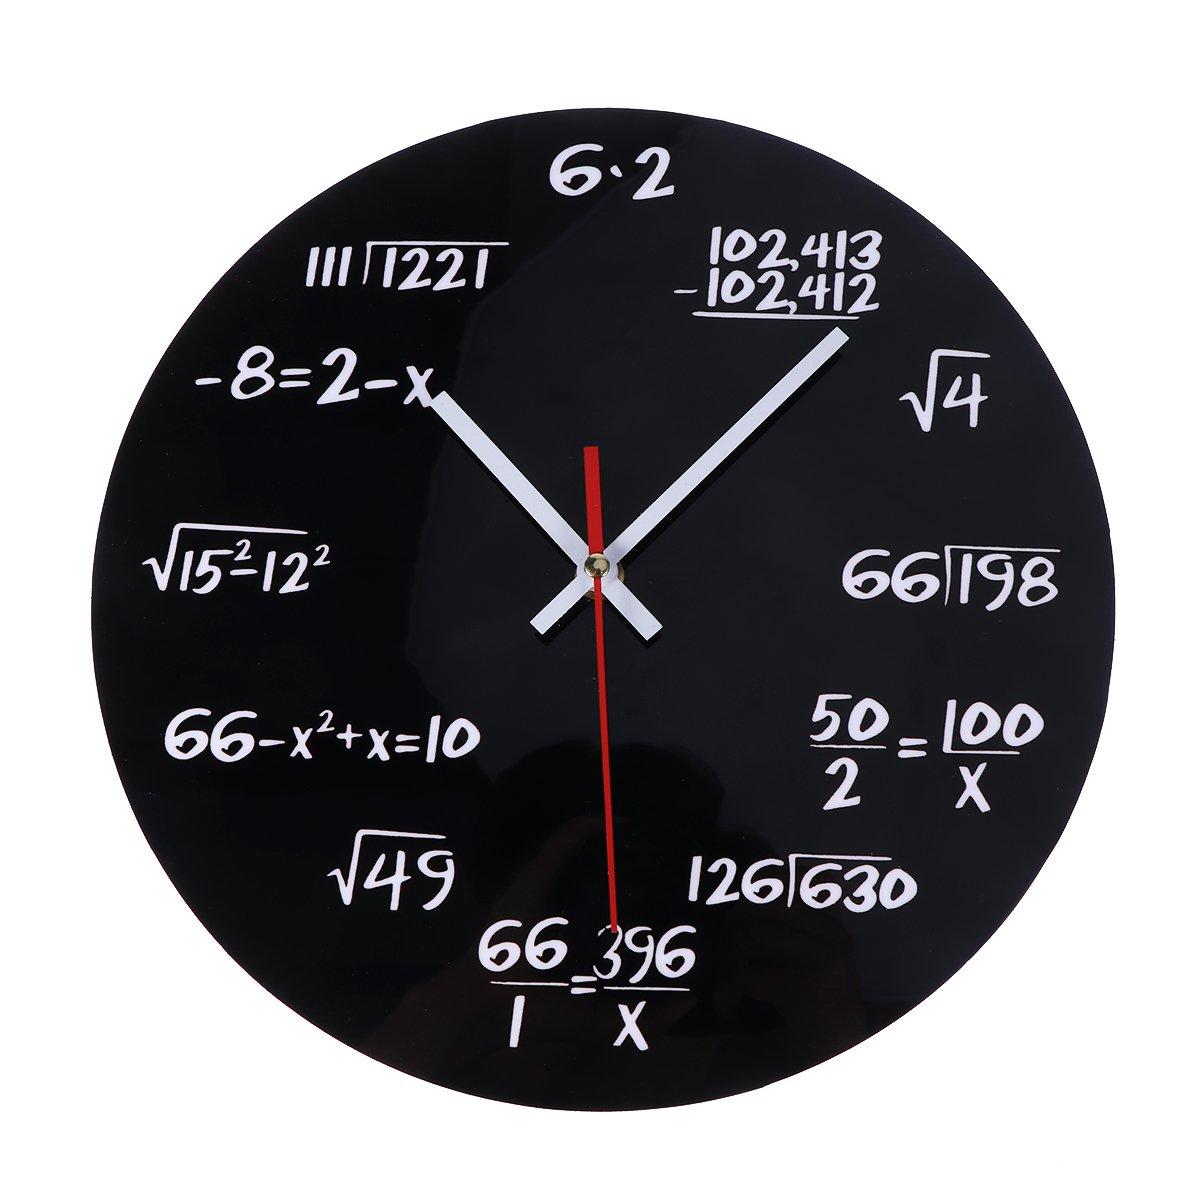 """VORCOOL - Orologio da parete """"Matematica"""", orologio da parete rotondo, creativo per l'aula scolastica, la casa, l'ufficio, come decorazione, regalo ideale per insegnanti e studenti l' ufficio"""